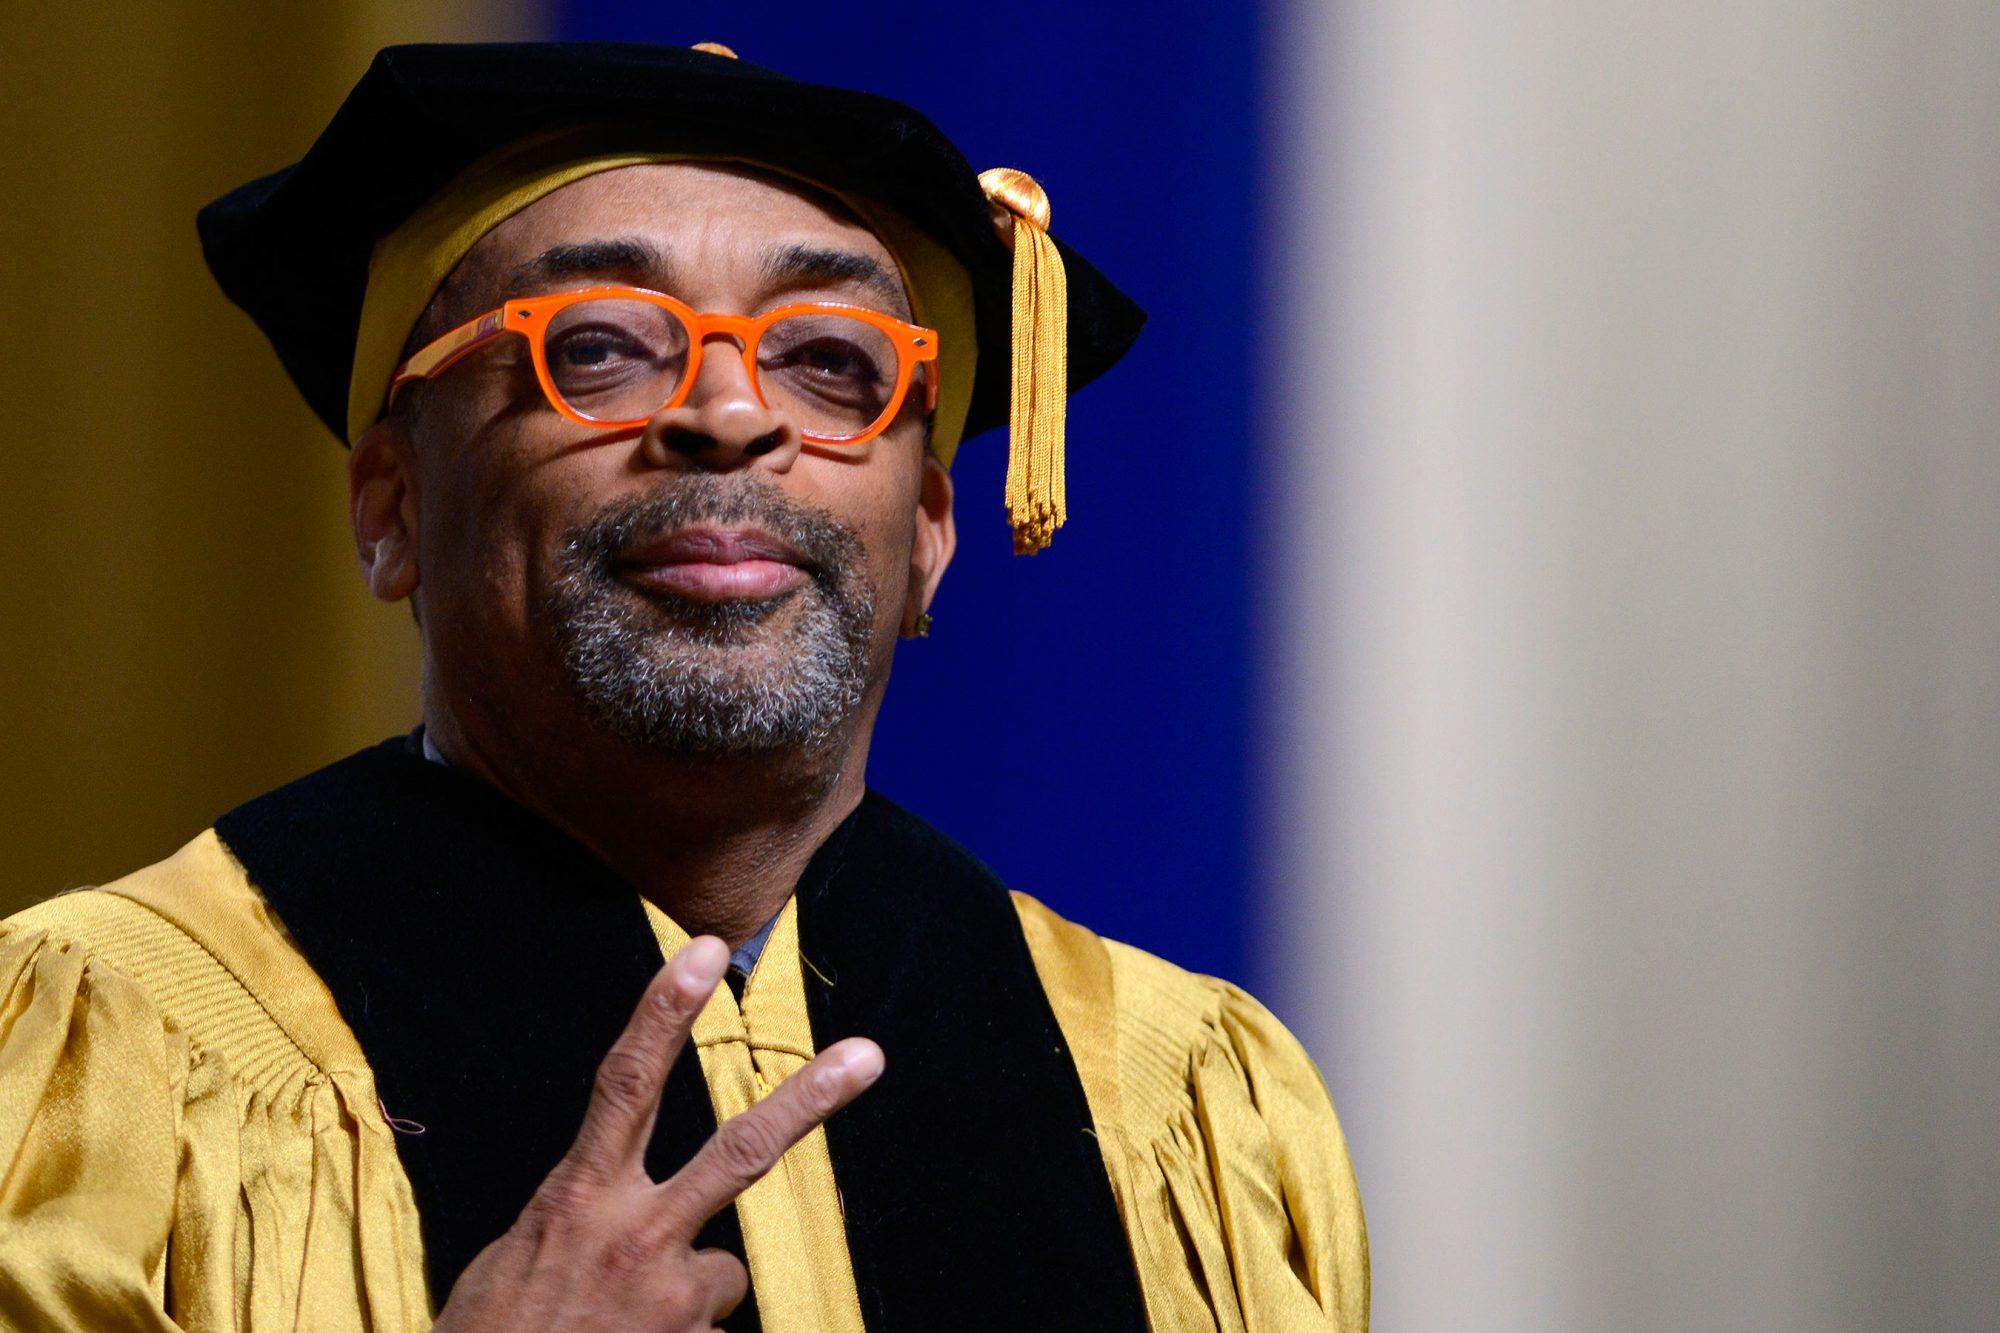 Spike Lee Delivers Johns Hopkins Commencement Keynote Address